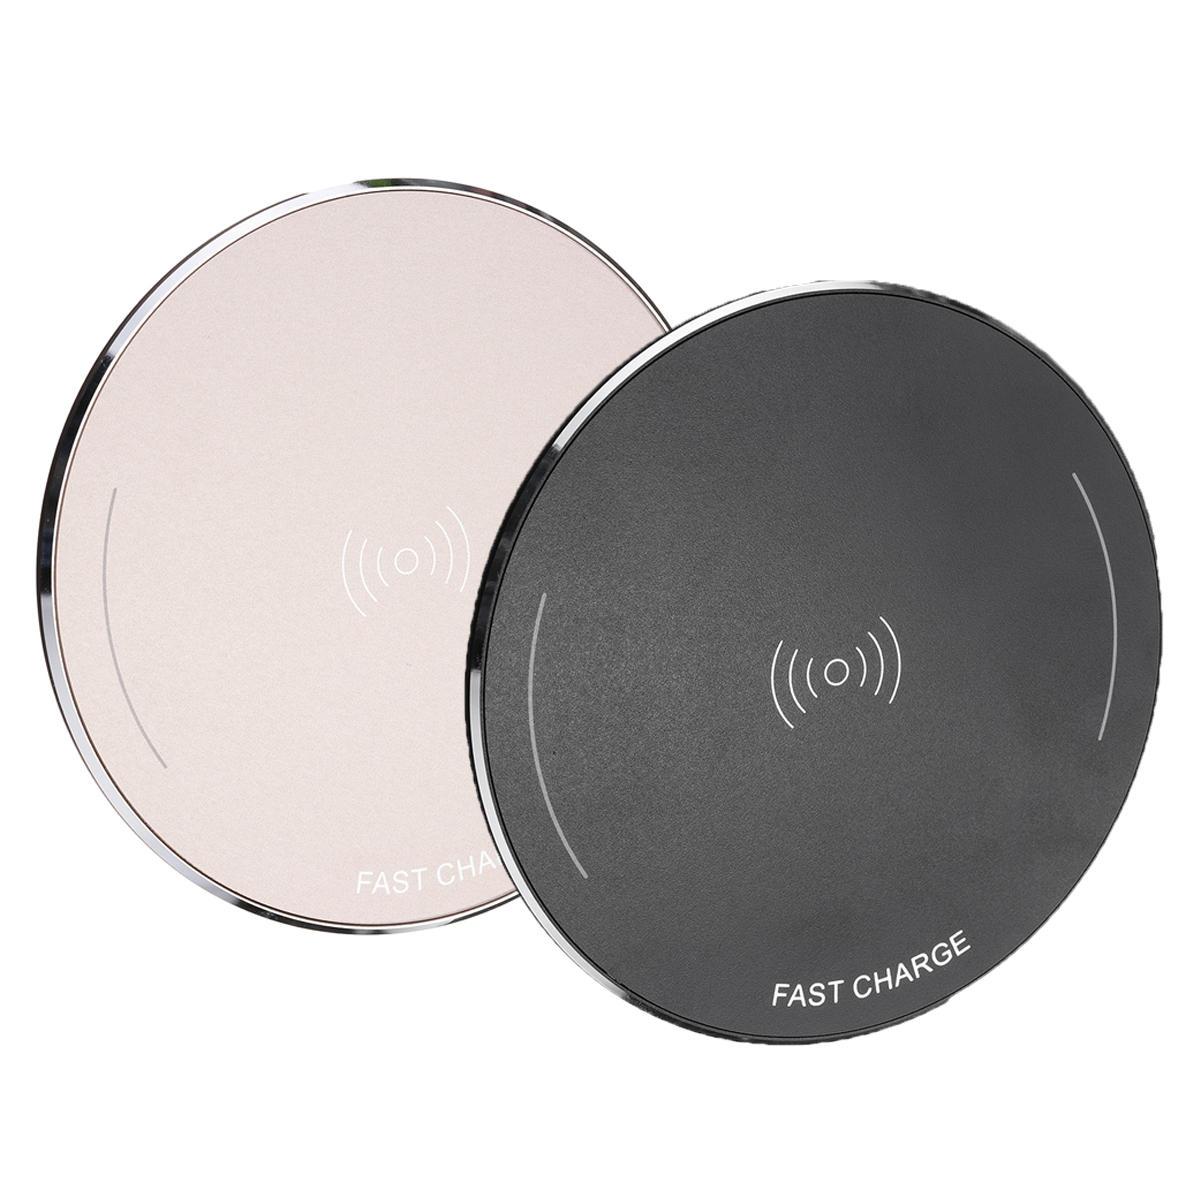 Bakeey 10W Metal Scrub QI kablosuz Hızlı Şarj Şarj Cihazı Pad iPhoneX için 8 / 8Plus Samsung S8 iwatch 3